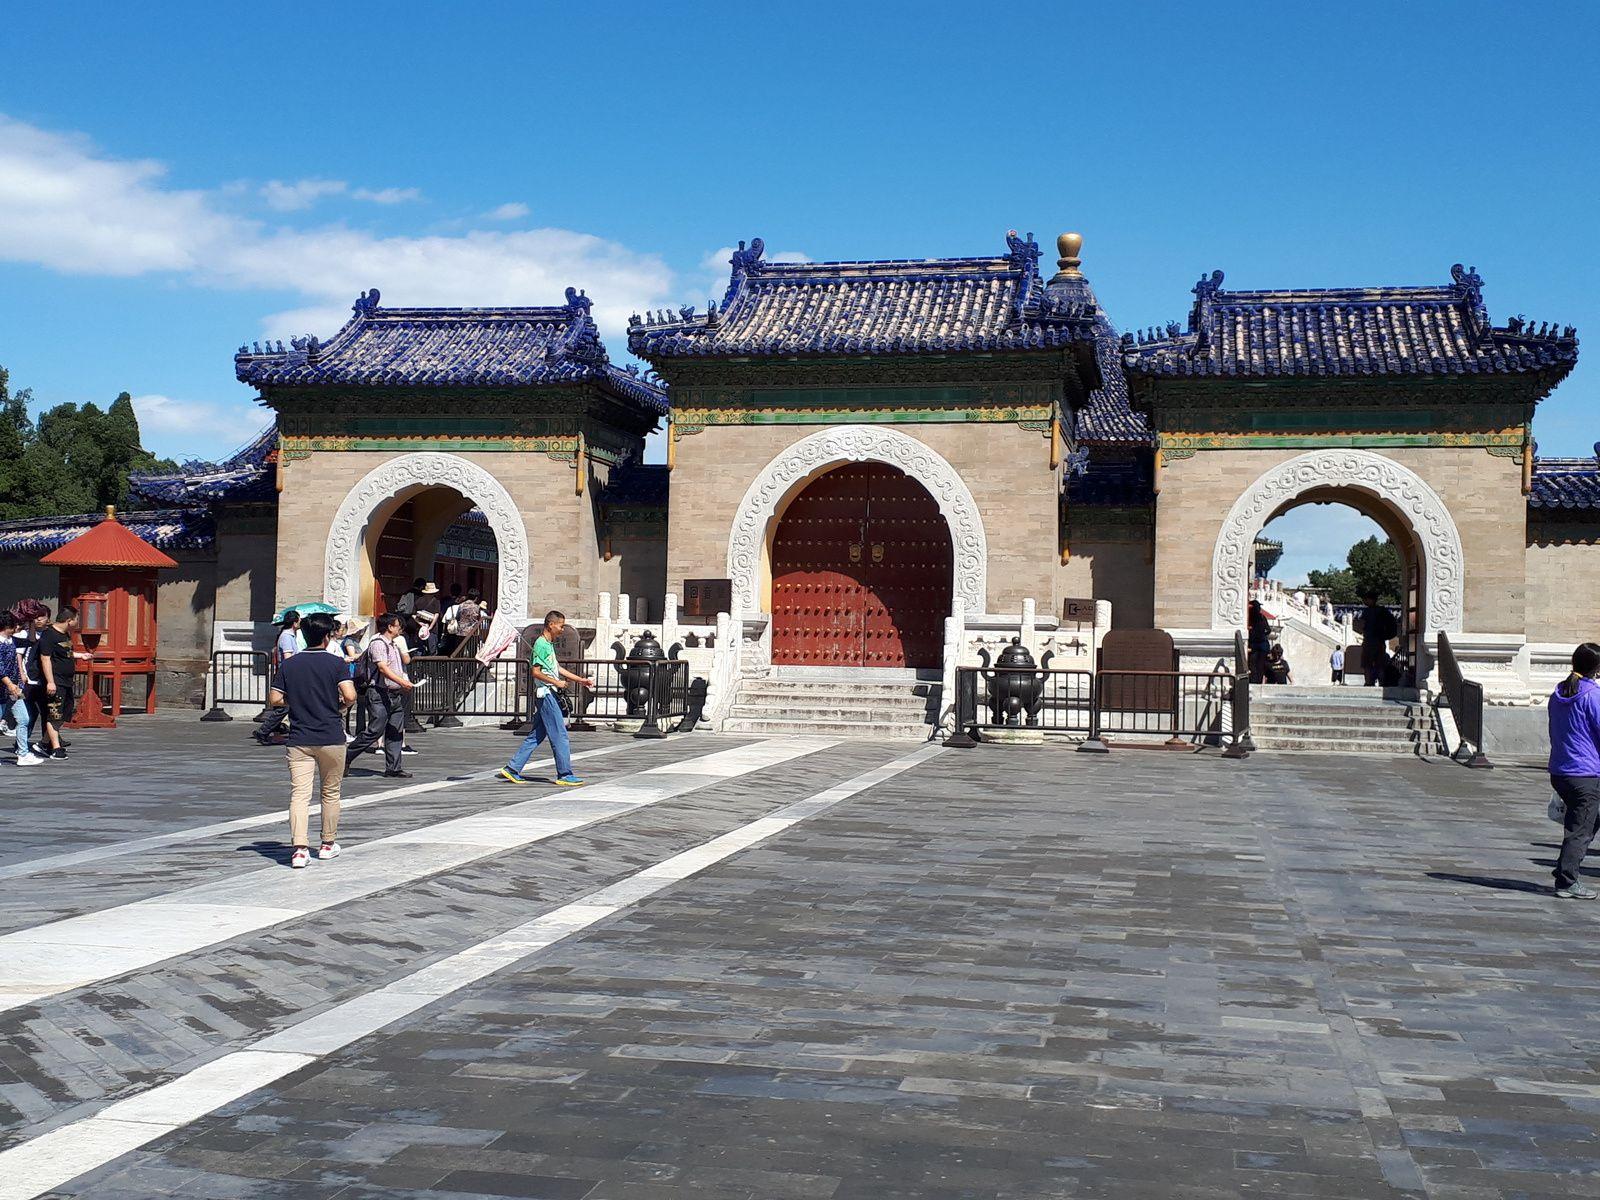 Chine: 1ère journée - Arrivée à Pékin (Beijing)